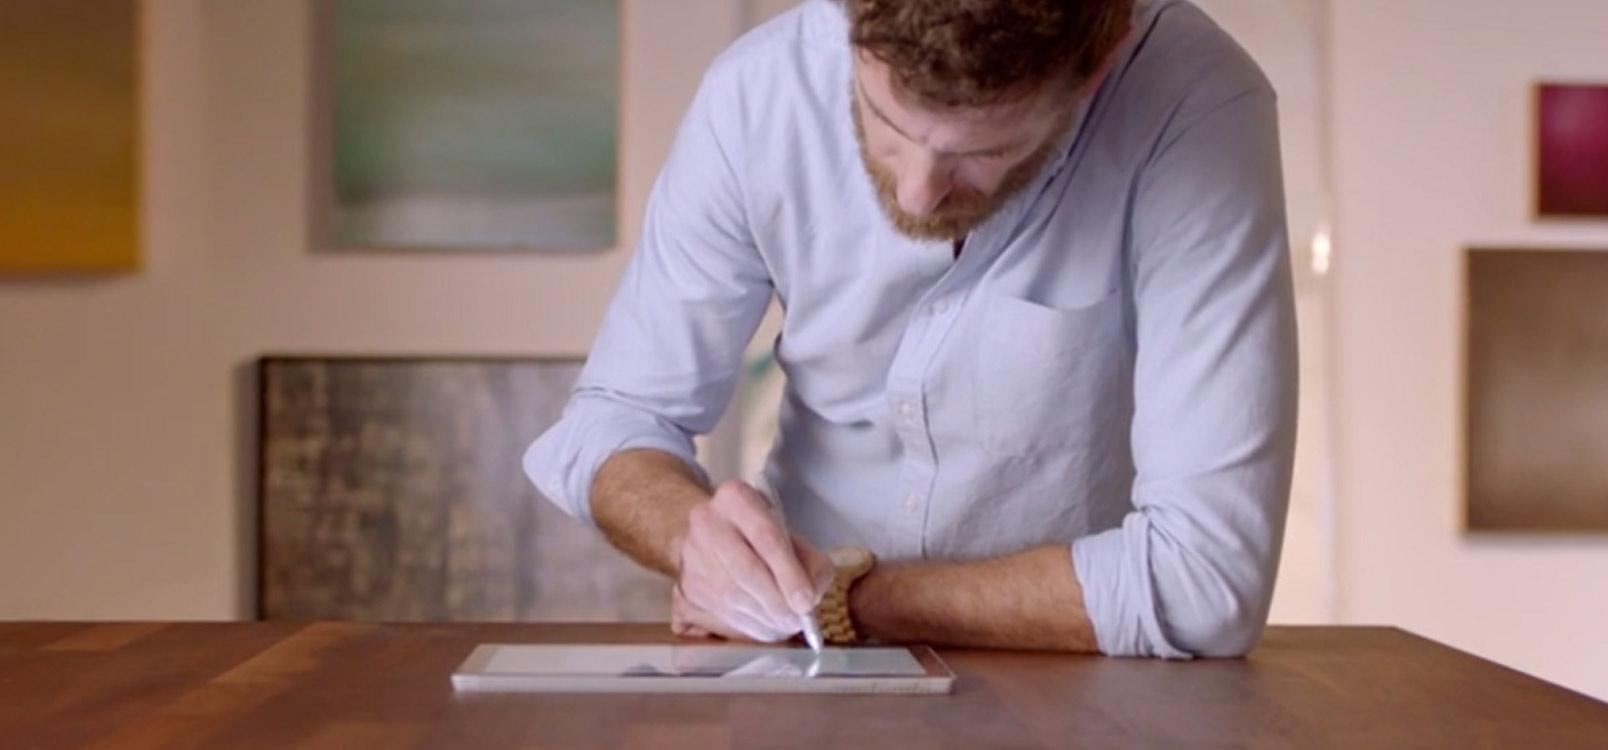 Deux personnes regardant l'écran d'un téléphone, découvrir comment collaborer avec d'autres personnes dans Office